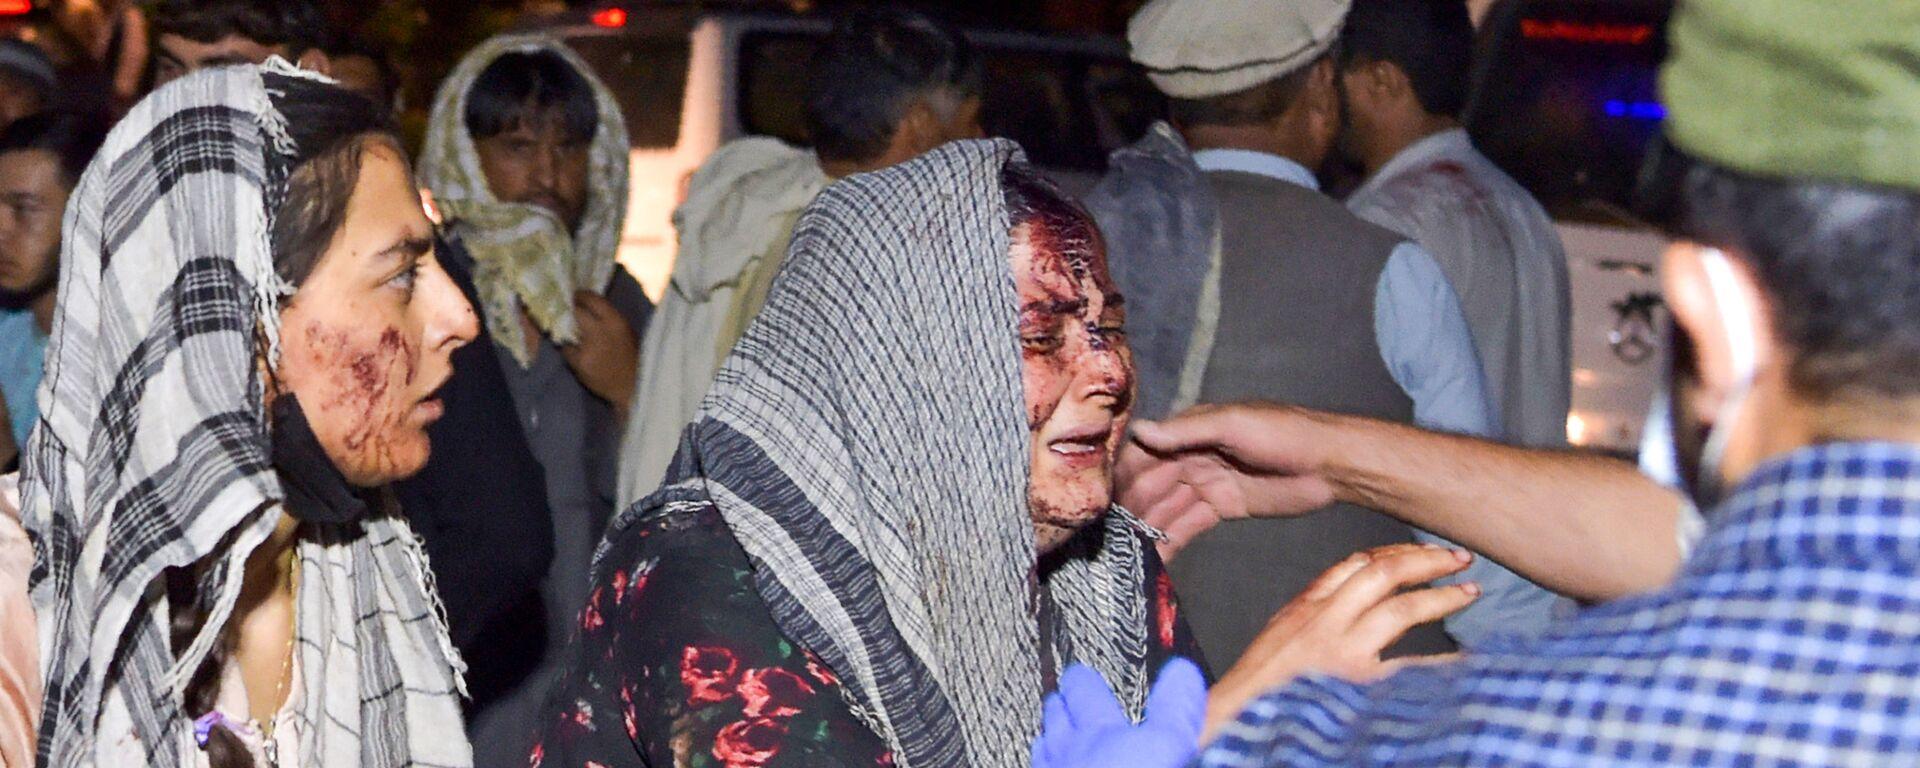 Mujeres lloran a los heridos y fallecidos en el ataque terrorista en Kabul. - Sputnik Mundo, 1920, 27.08.2021